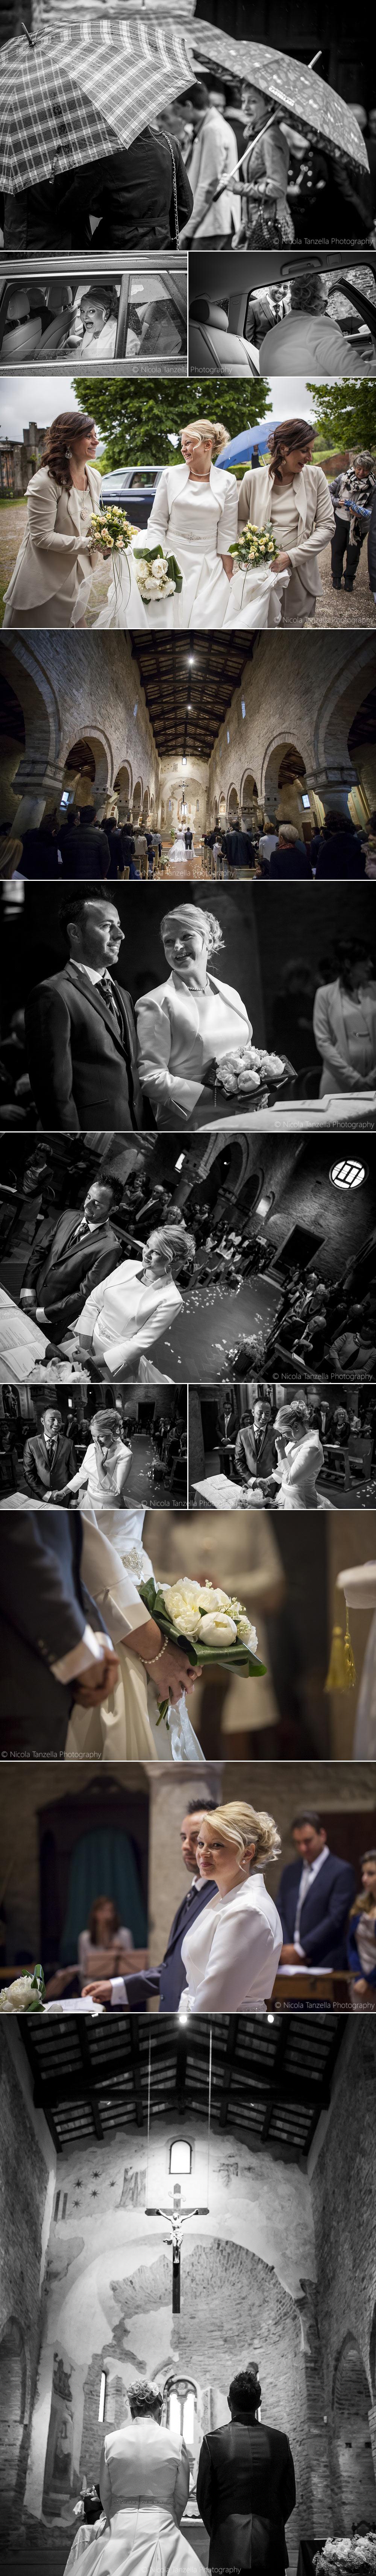 otografo matrimonio emilia romagna-4